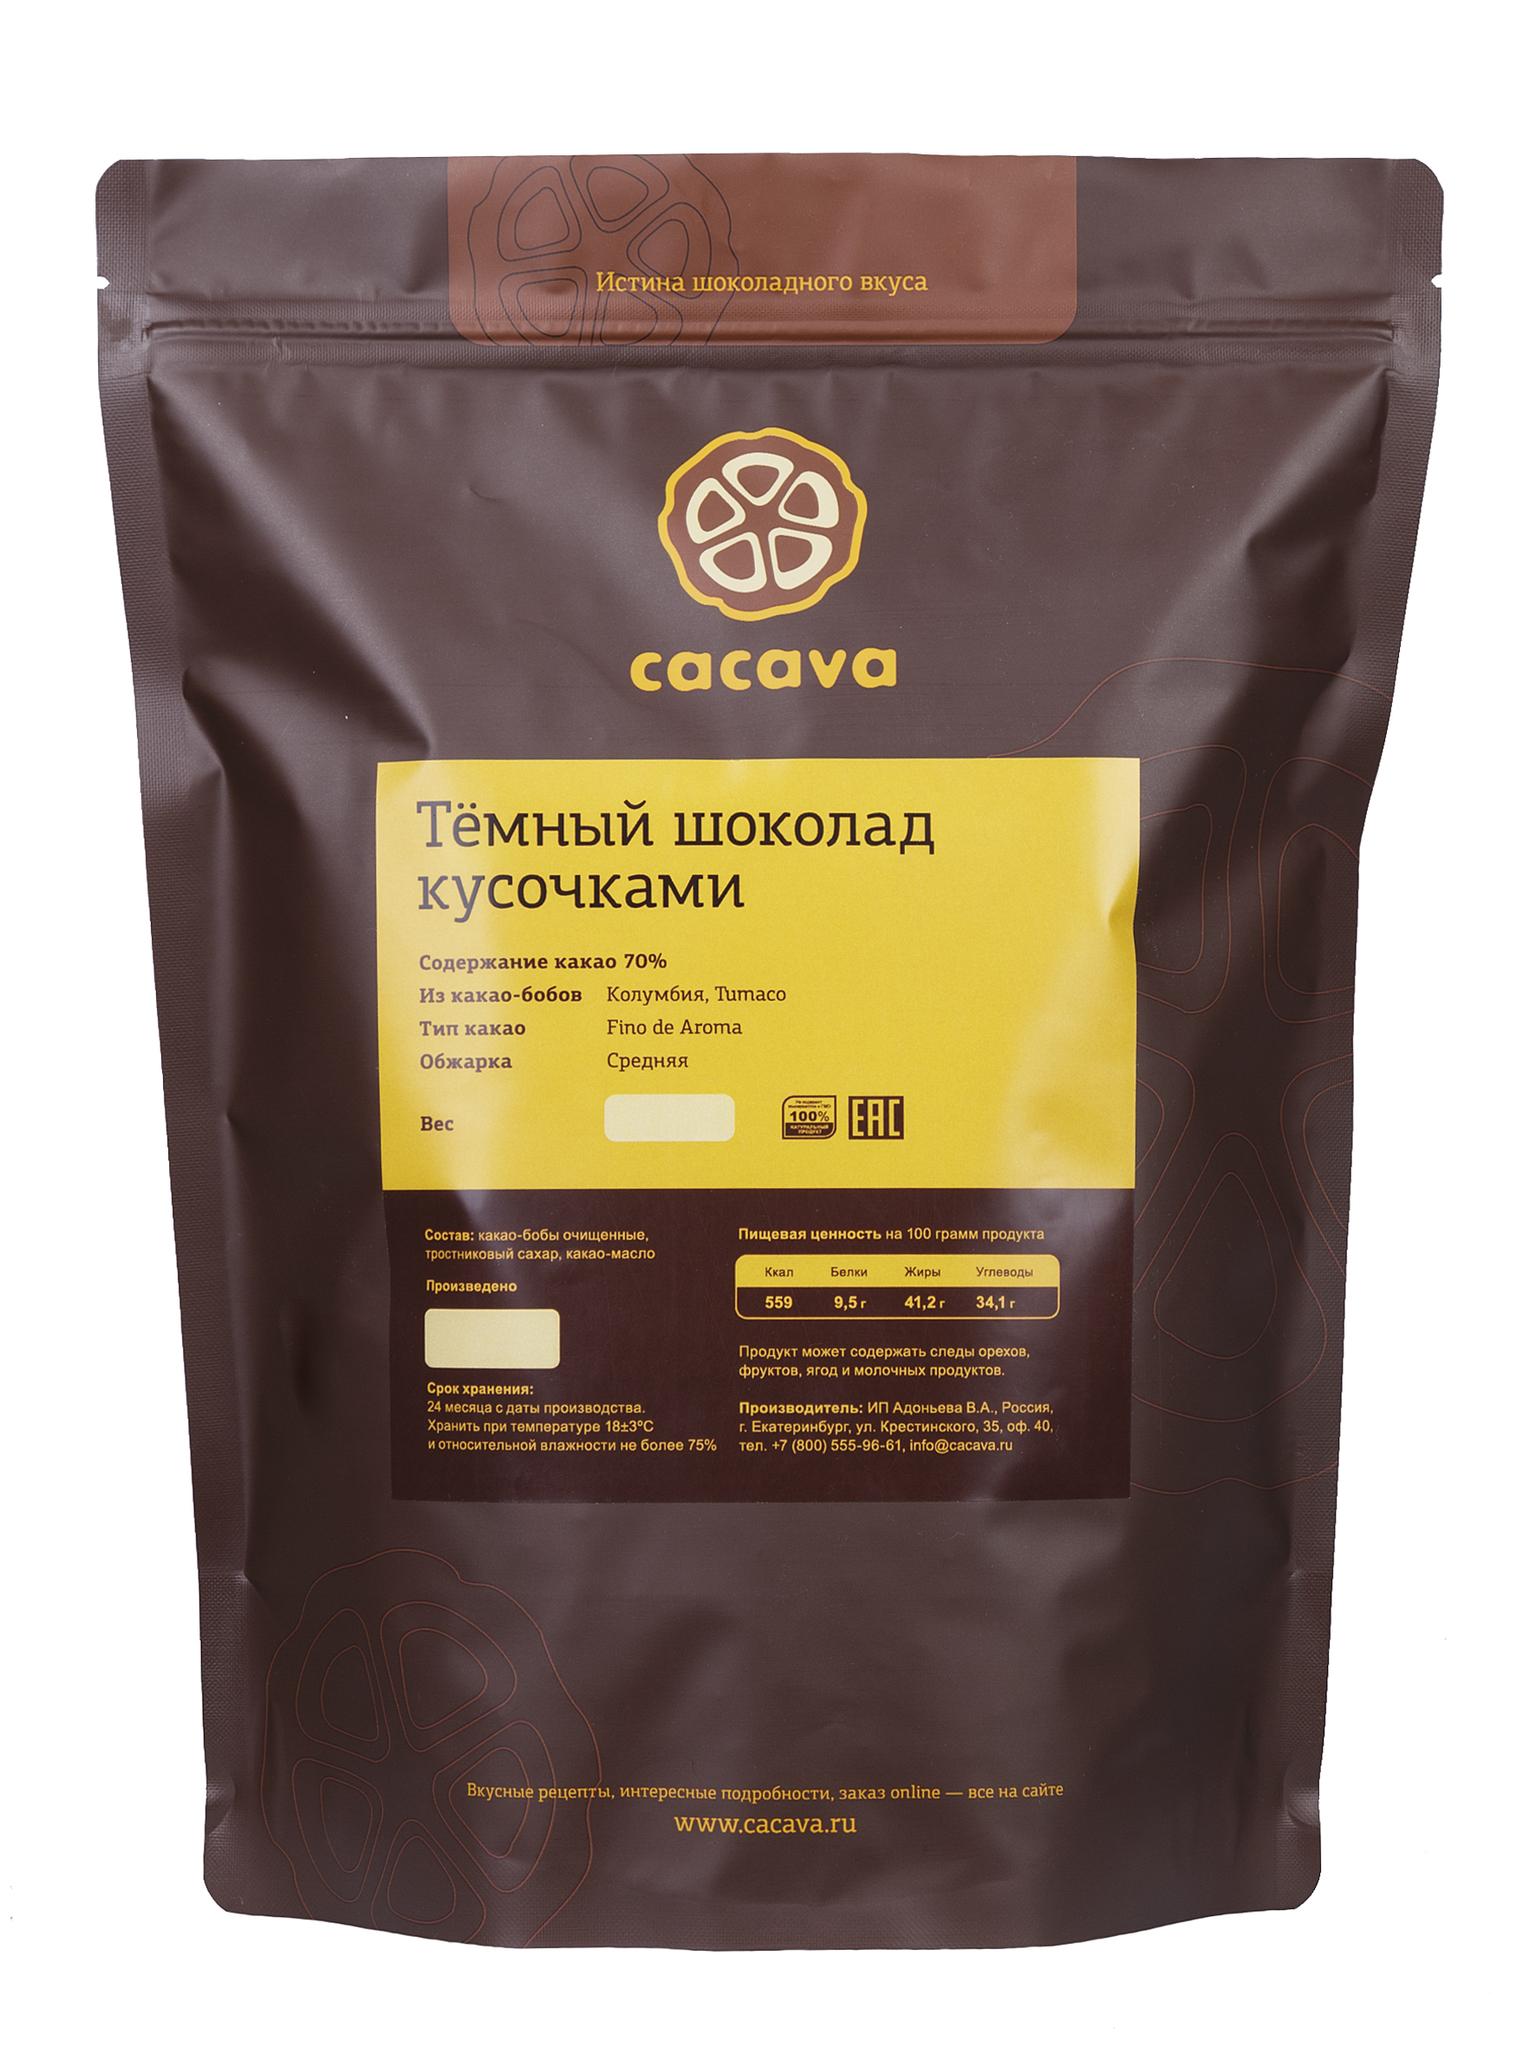 Тёмный шоколад 70 % какао (Колумбия, Tumaco), упаковка 1 кг